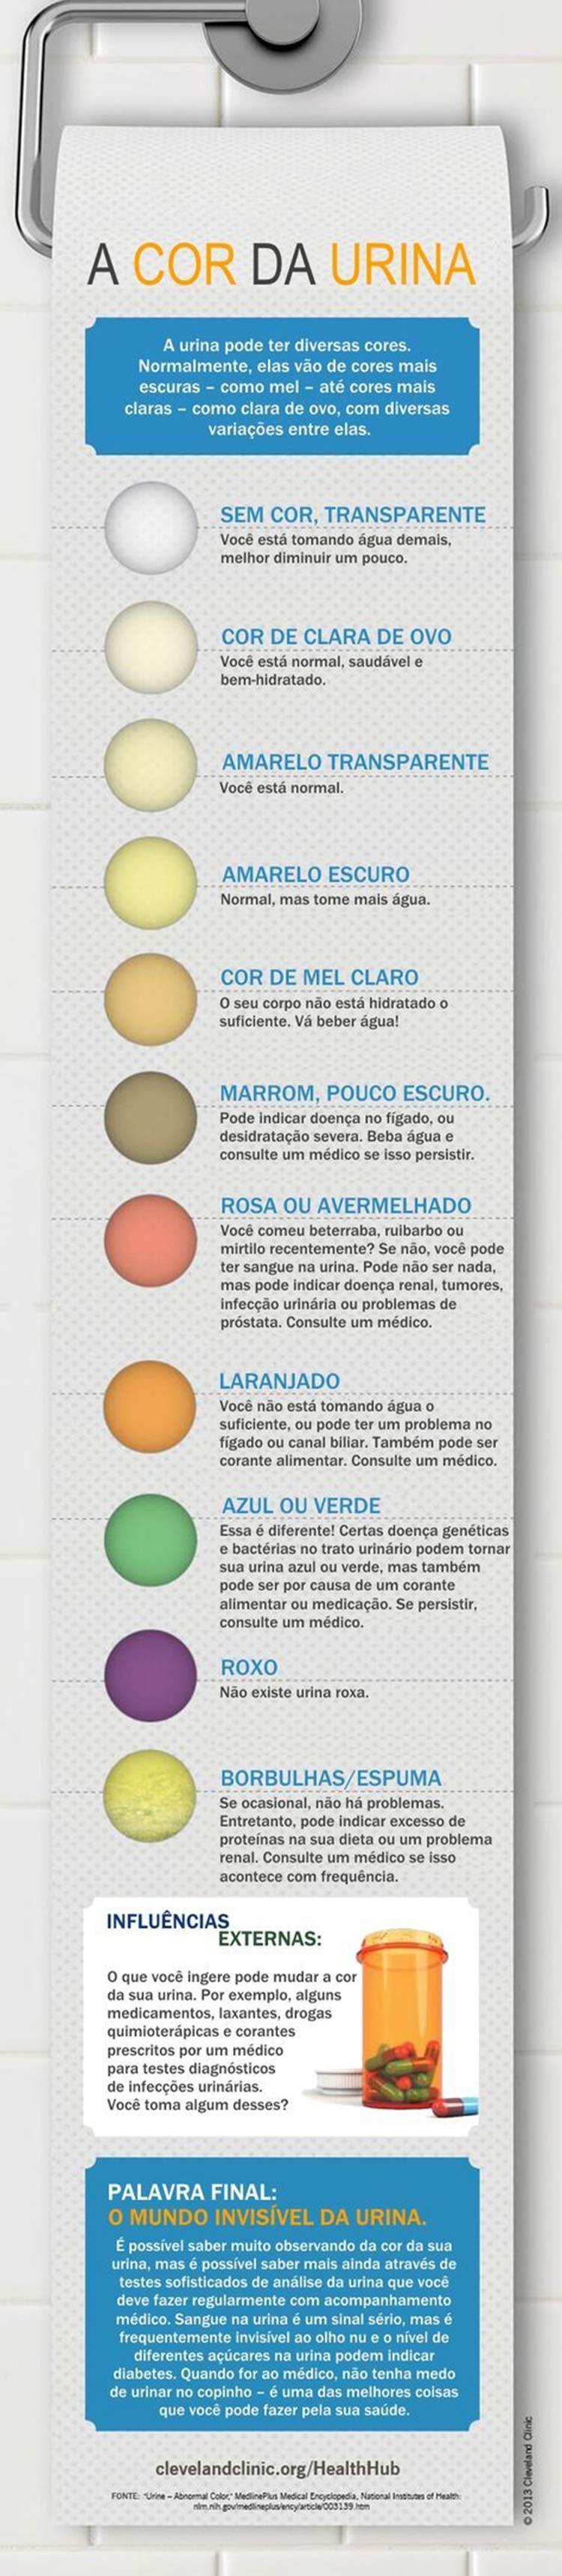 cor-da-urina-informacao